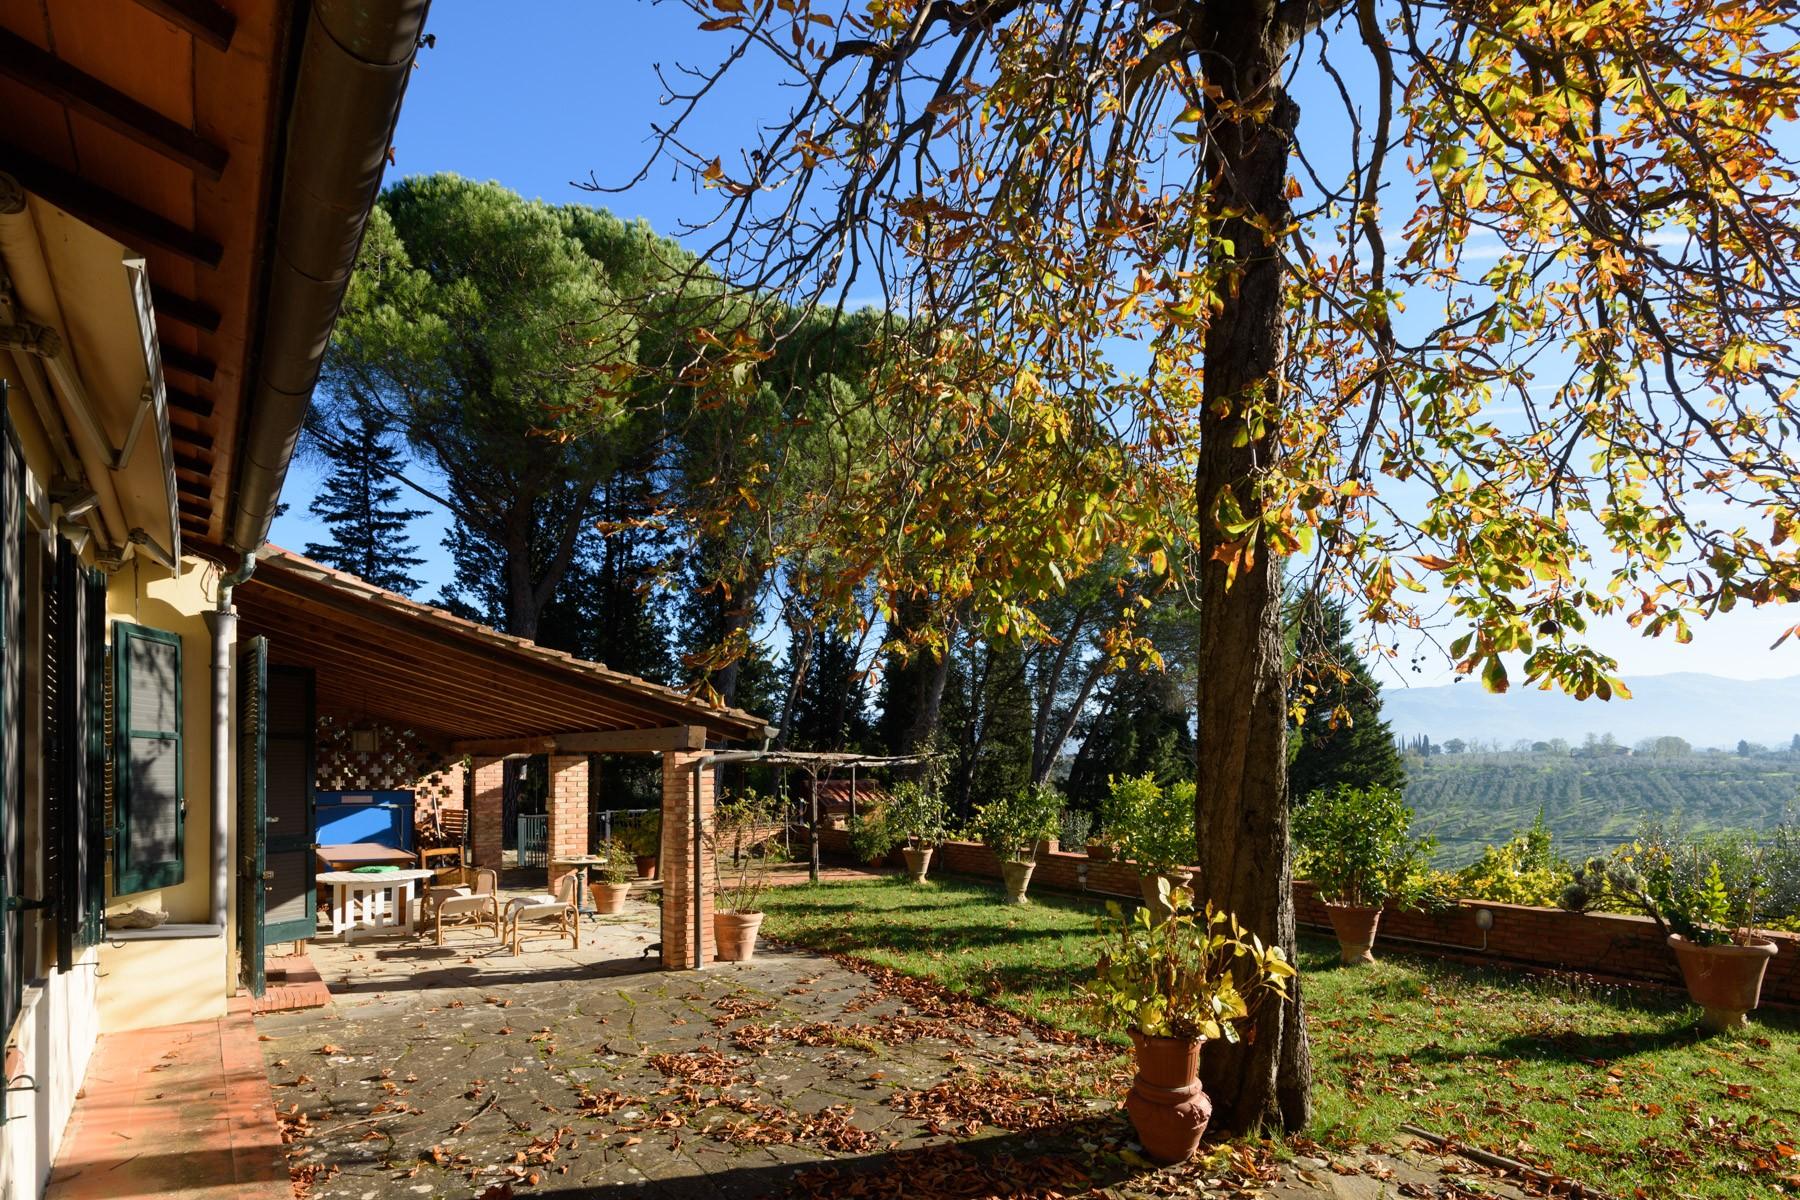 Casa indipendente in Vendita a Greve In Chianti via di pancole